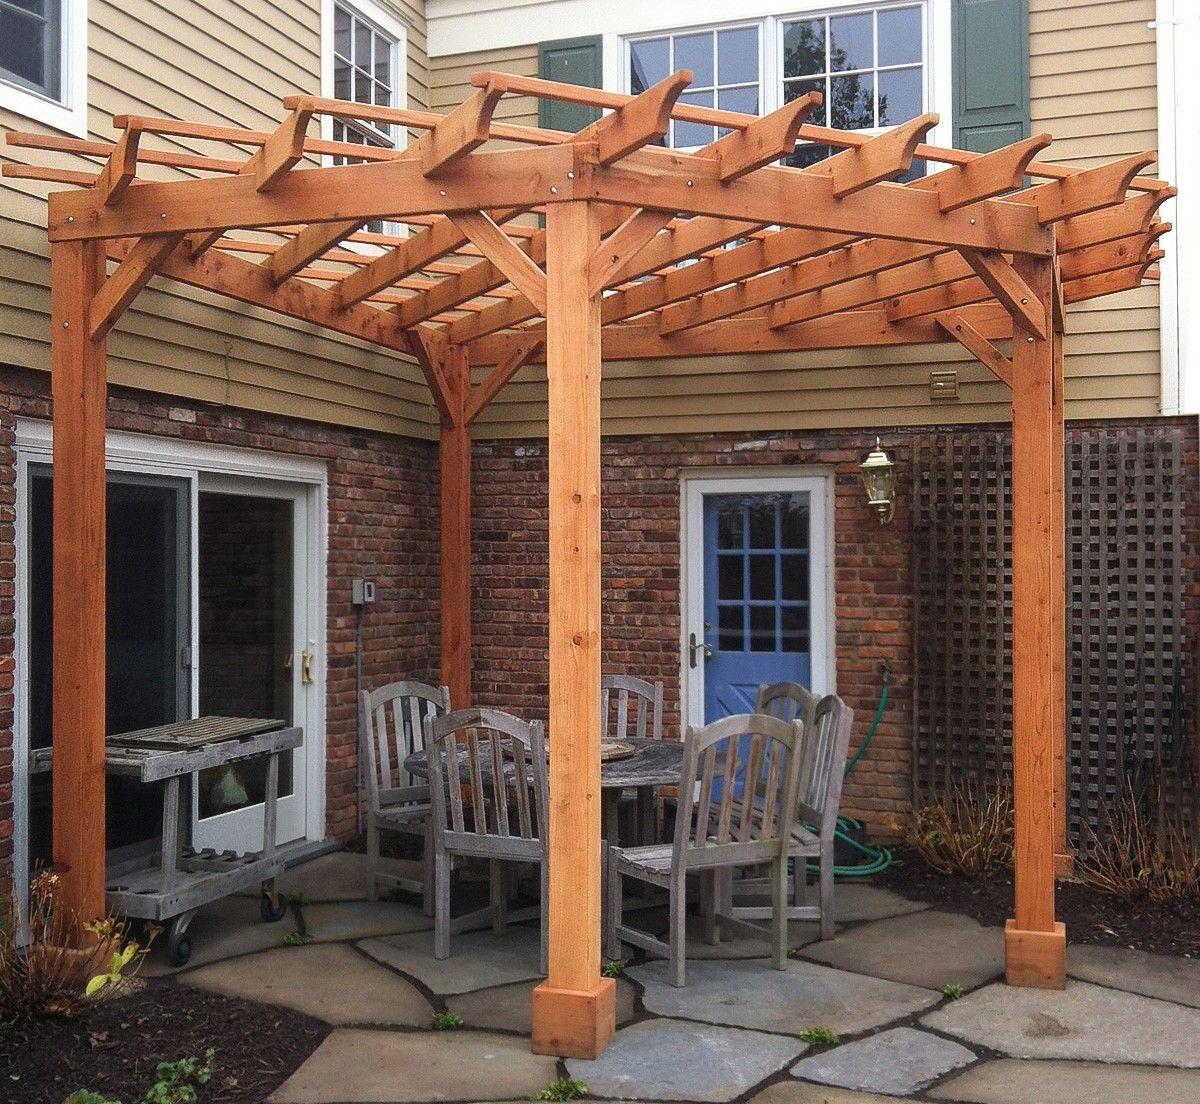 Пергола: проектирование, монтаж и украшение садовой конструкции своими руками